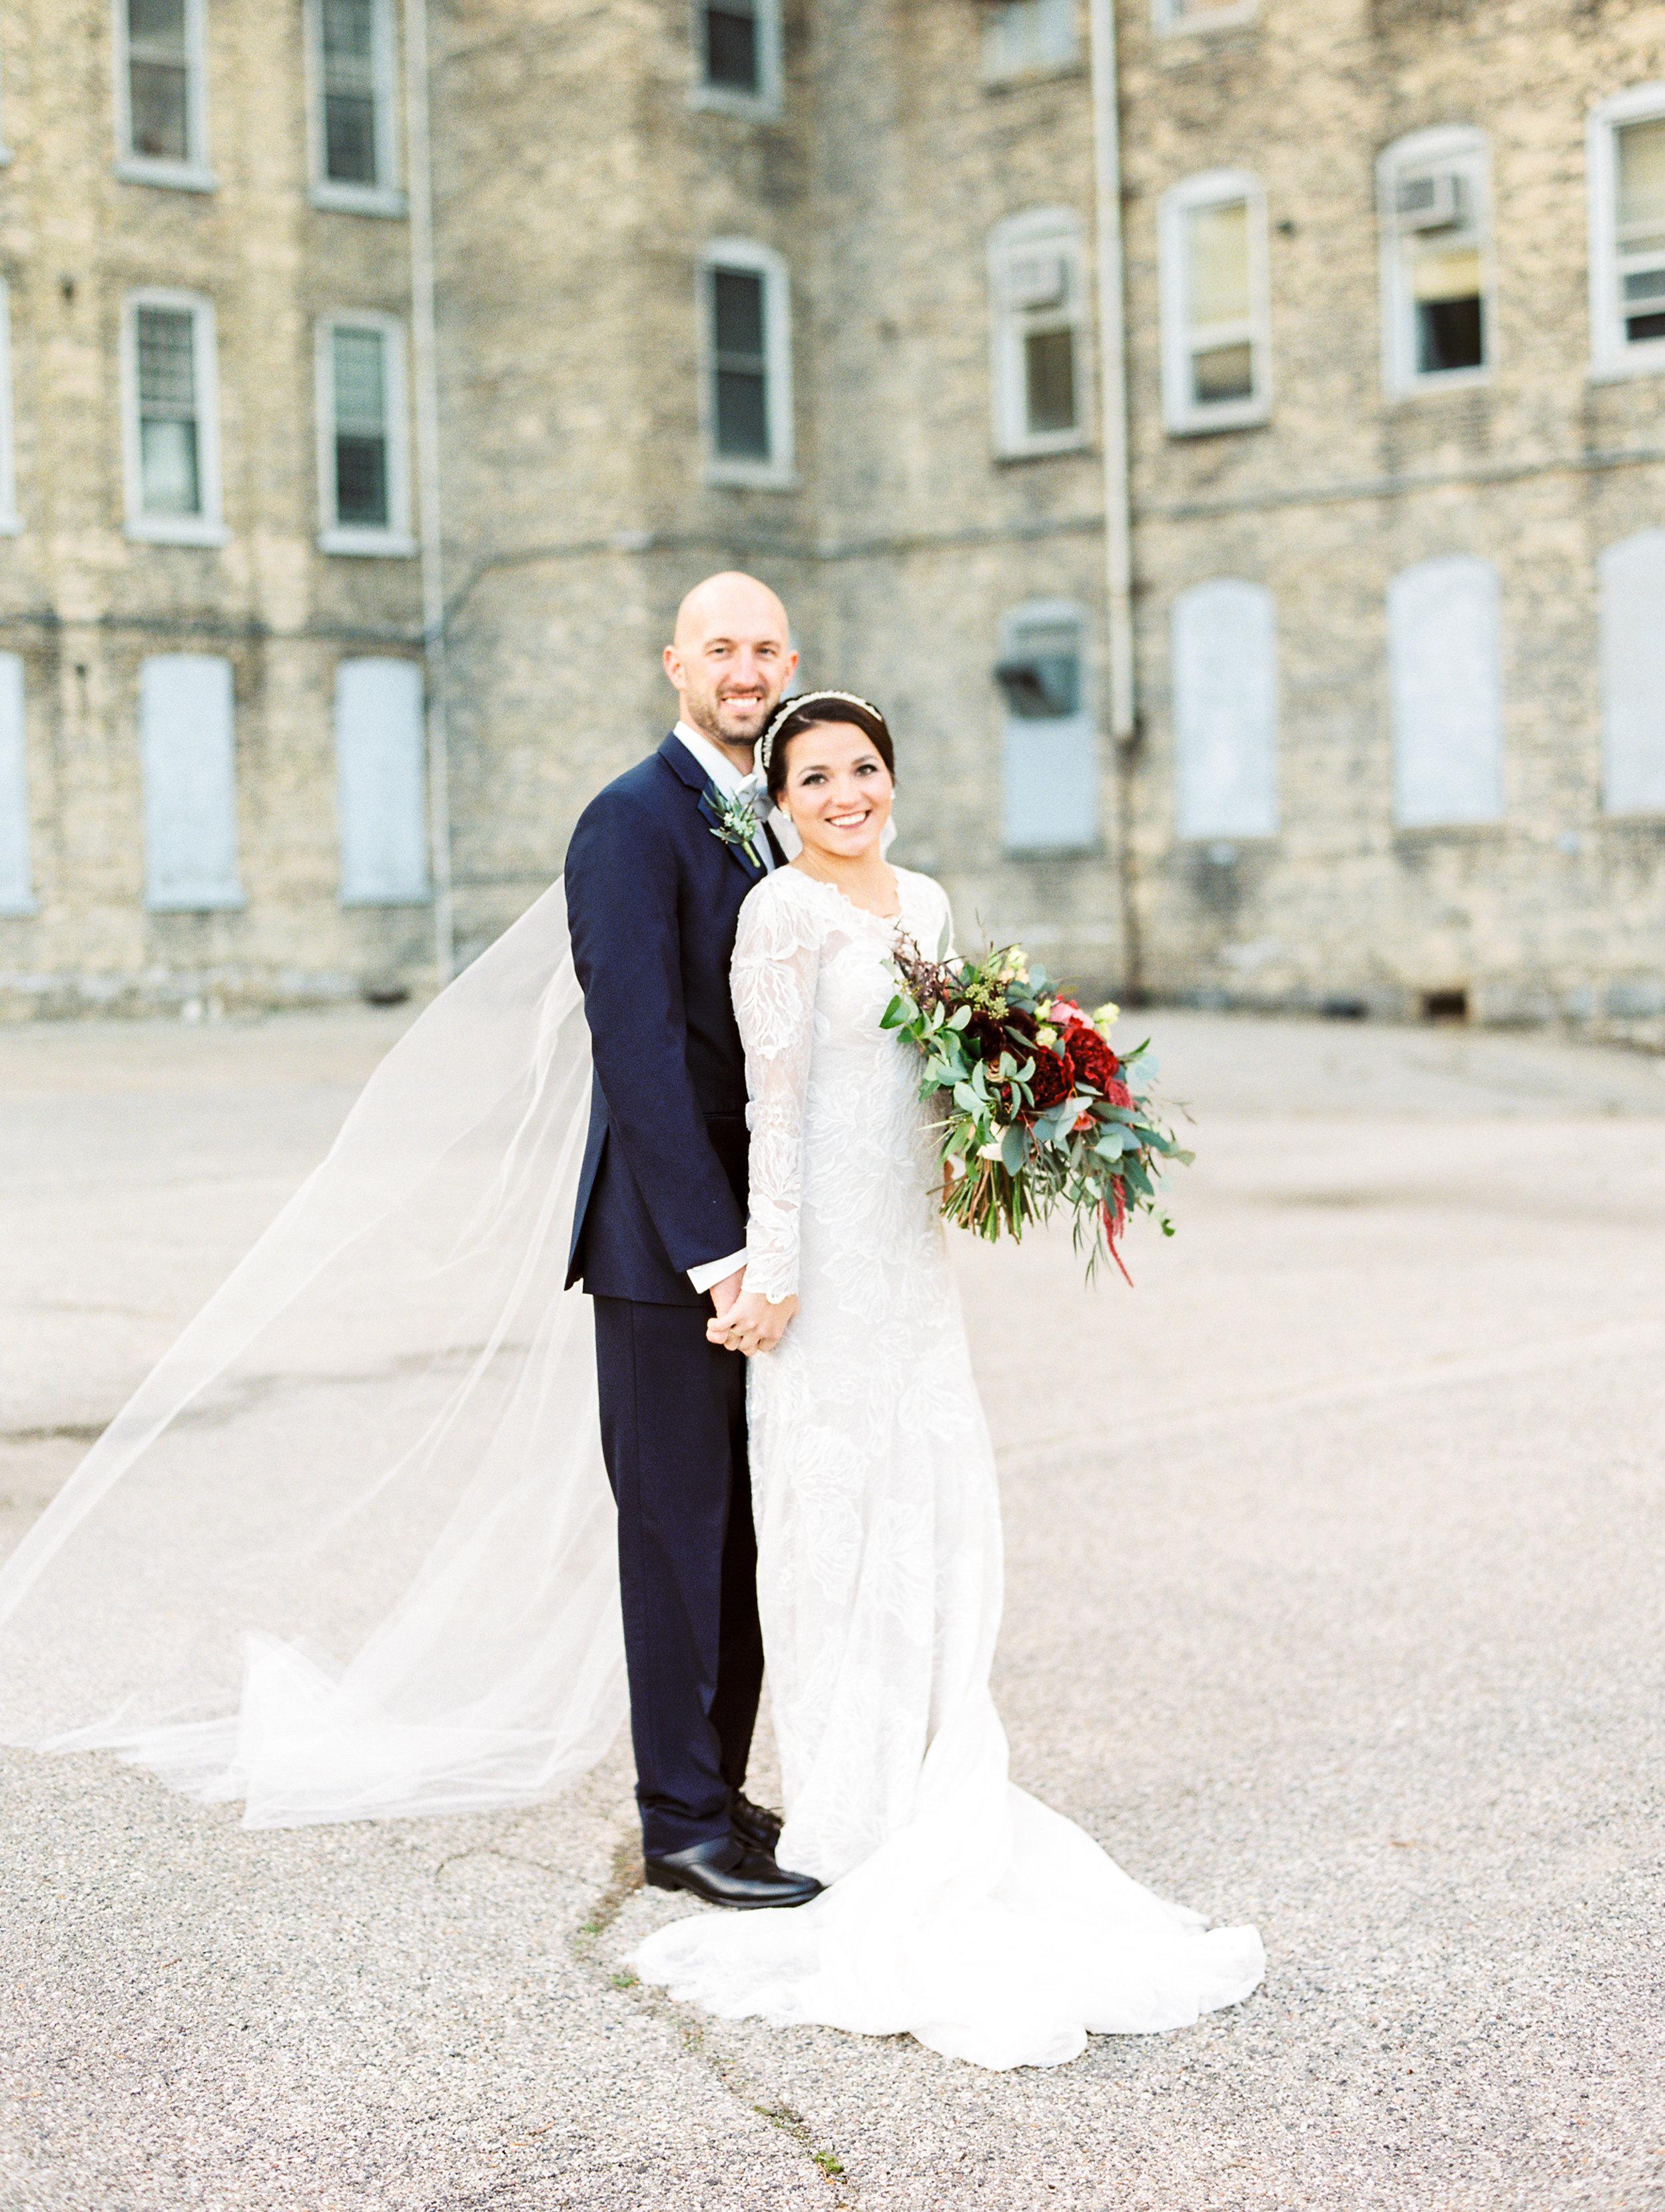 Vogelzang+Wedding+Bride+Groom-33.jpg